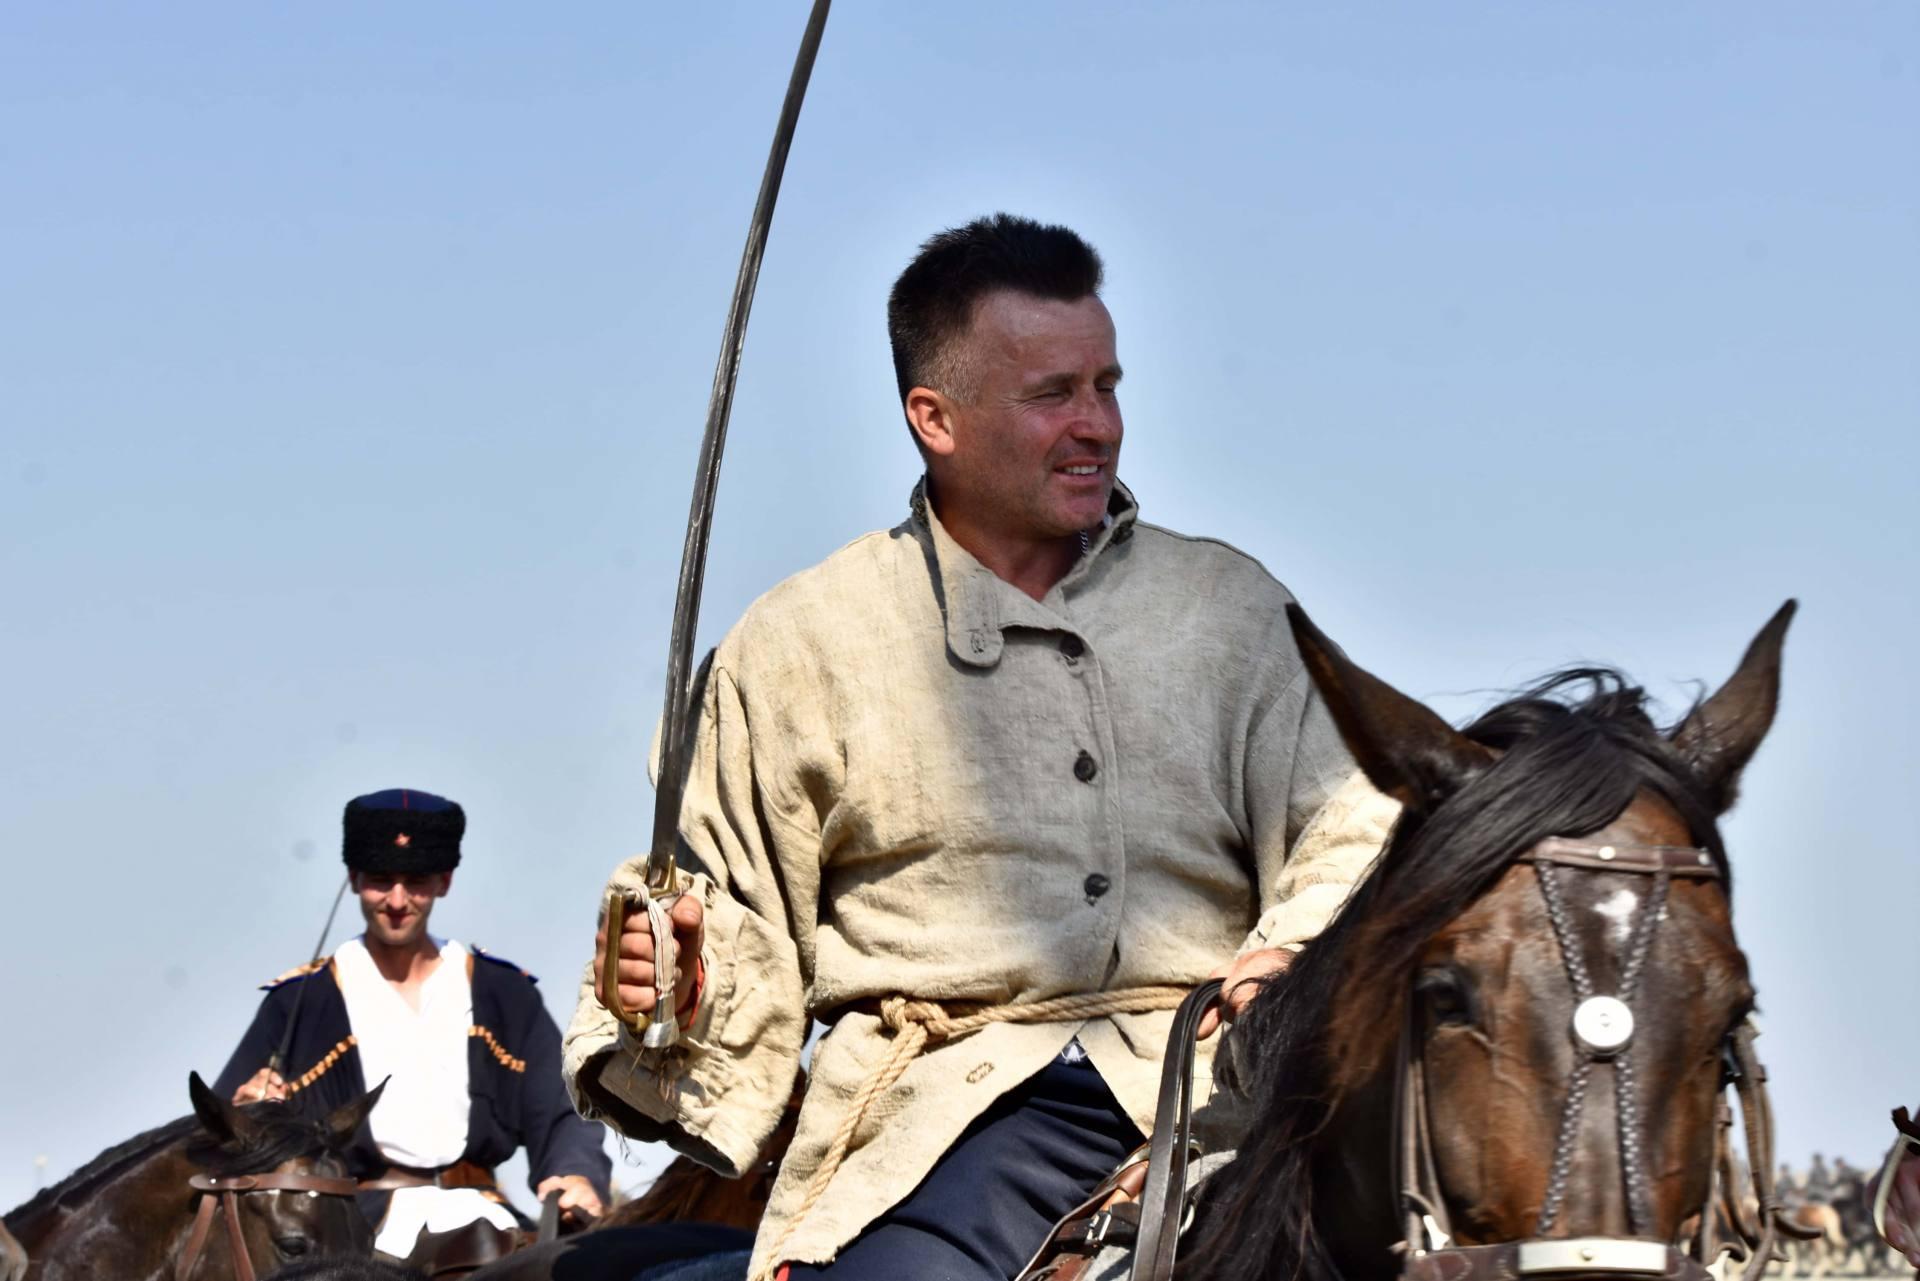 dsc 1121 Czas szabli - 100 rocznica bitwy pod Komarowem(zdjęcia)